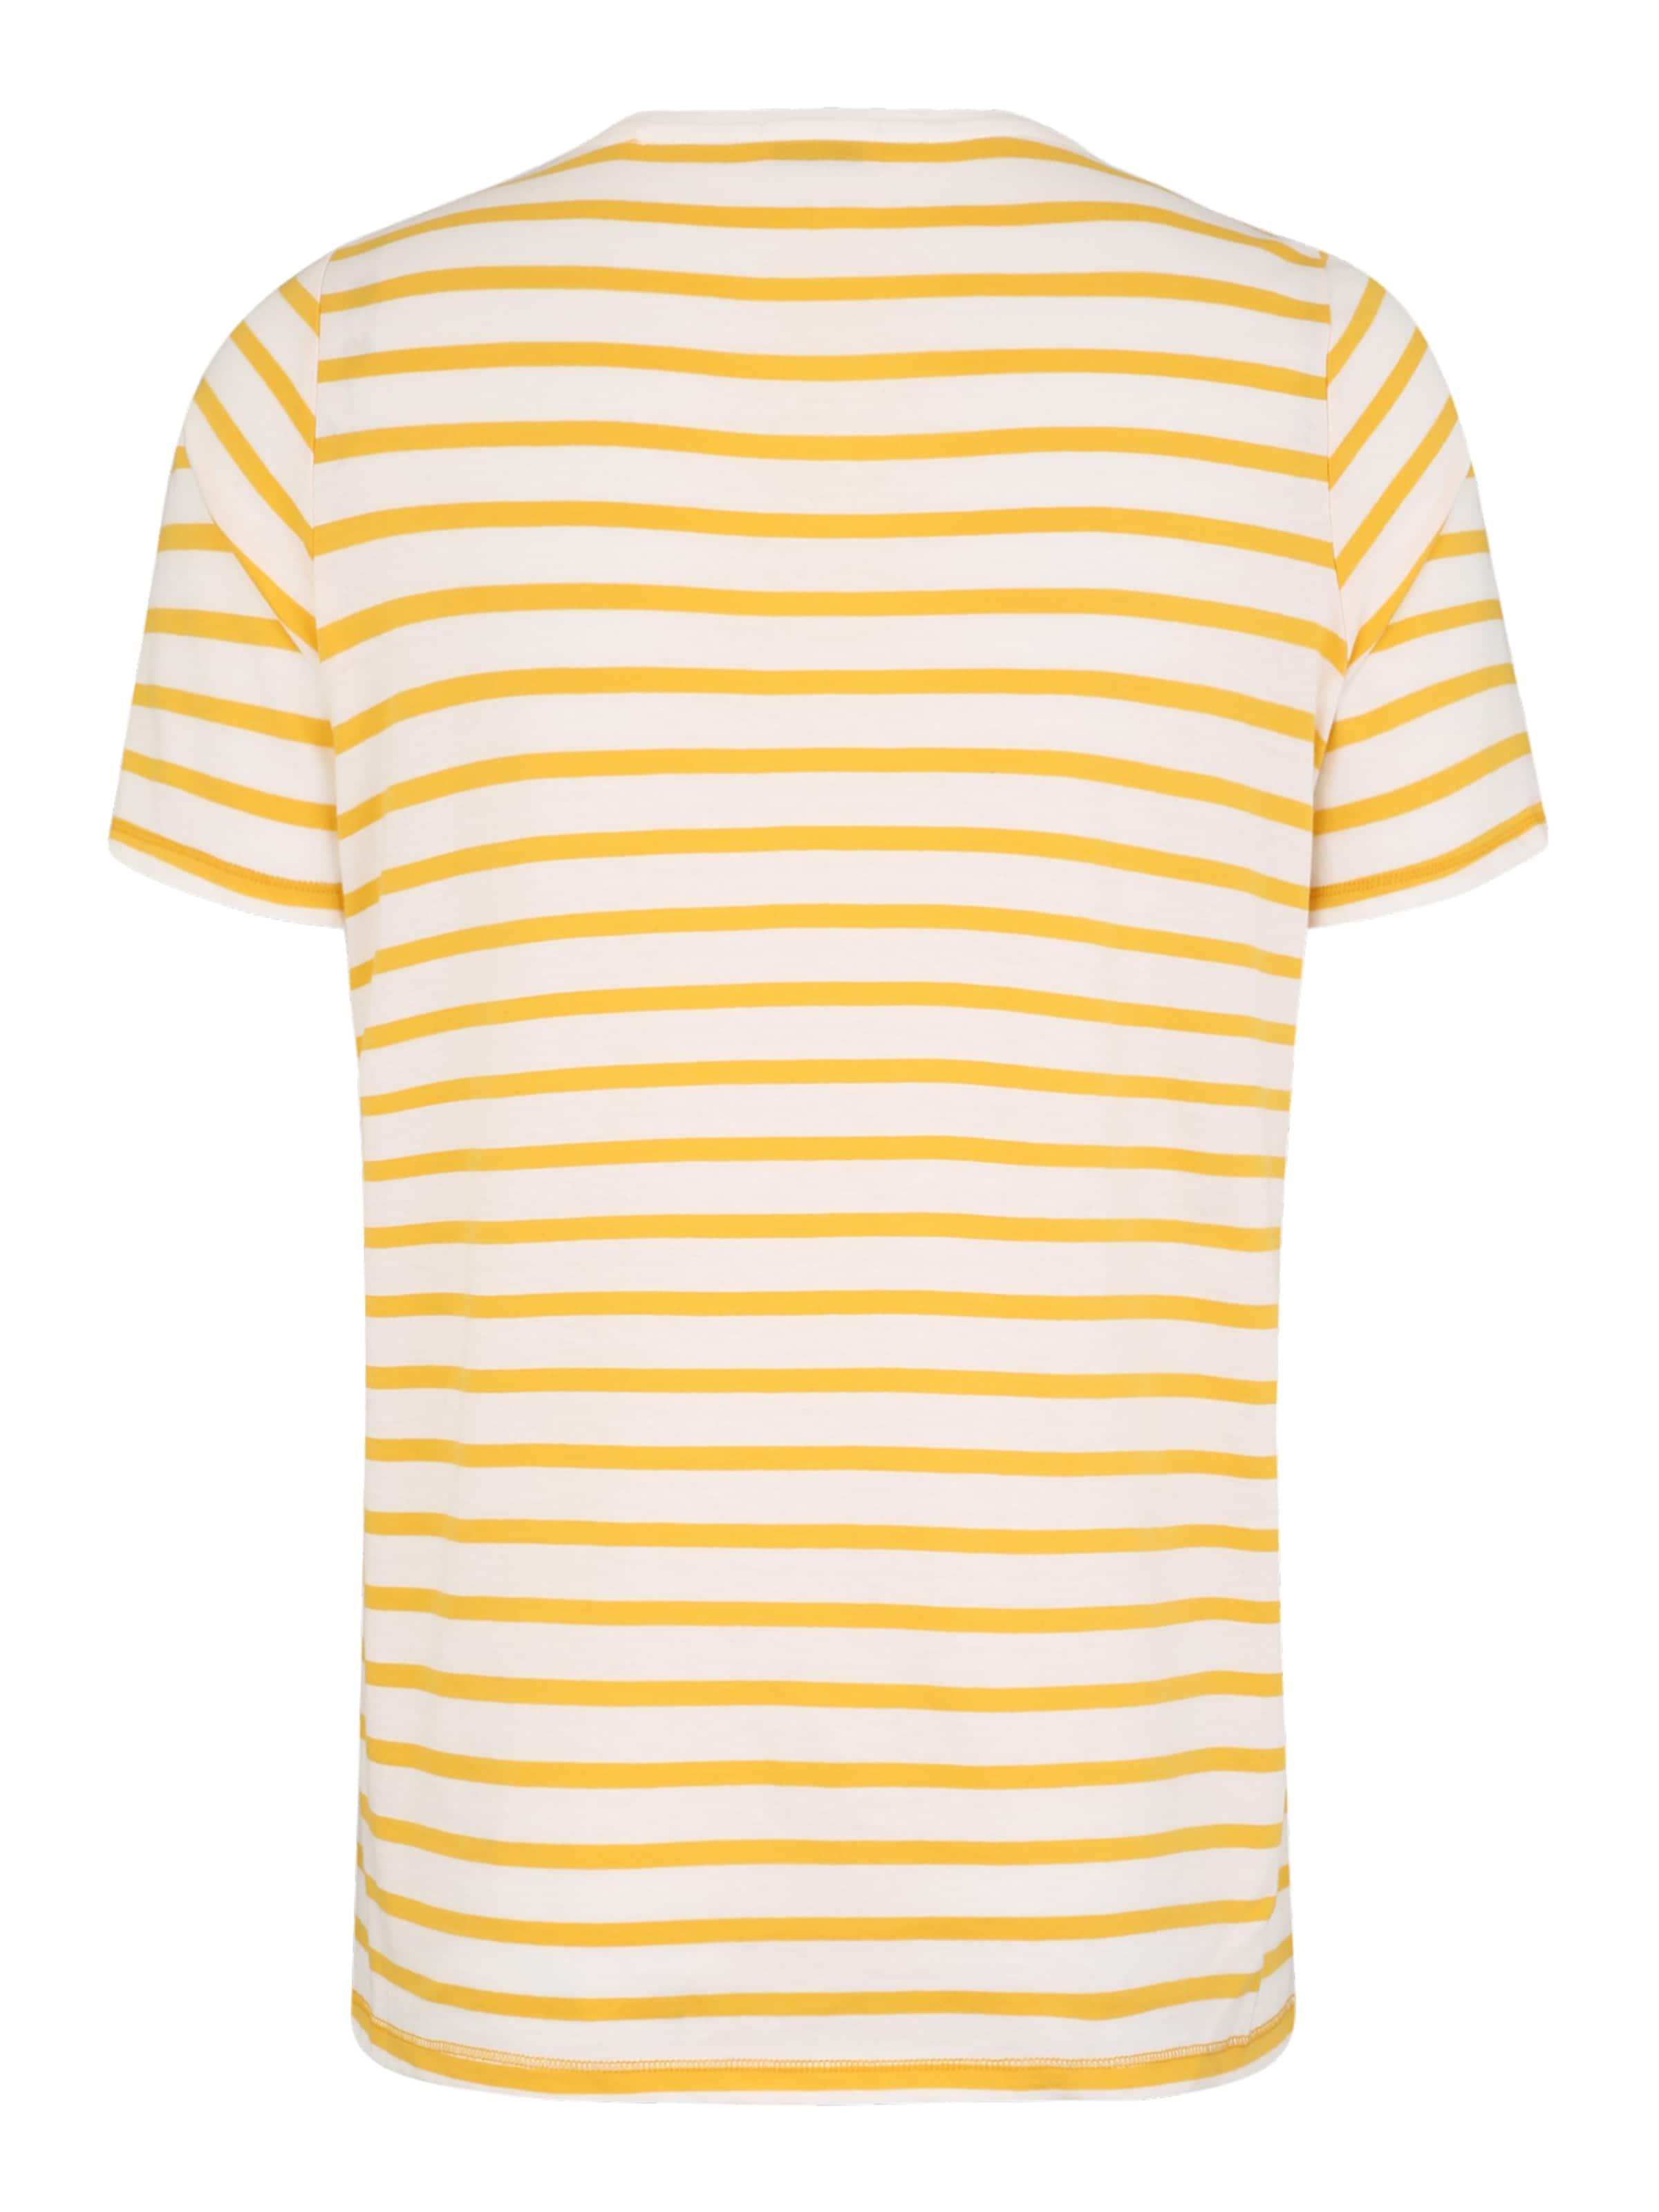 T Blanc En T En shirt Triangle shirt Blanc Triangle IY2WEDH9